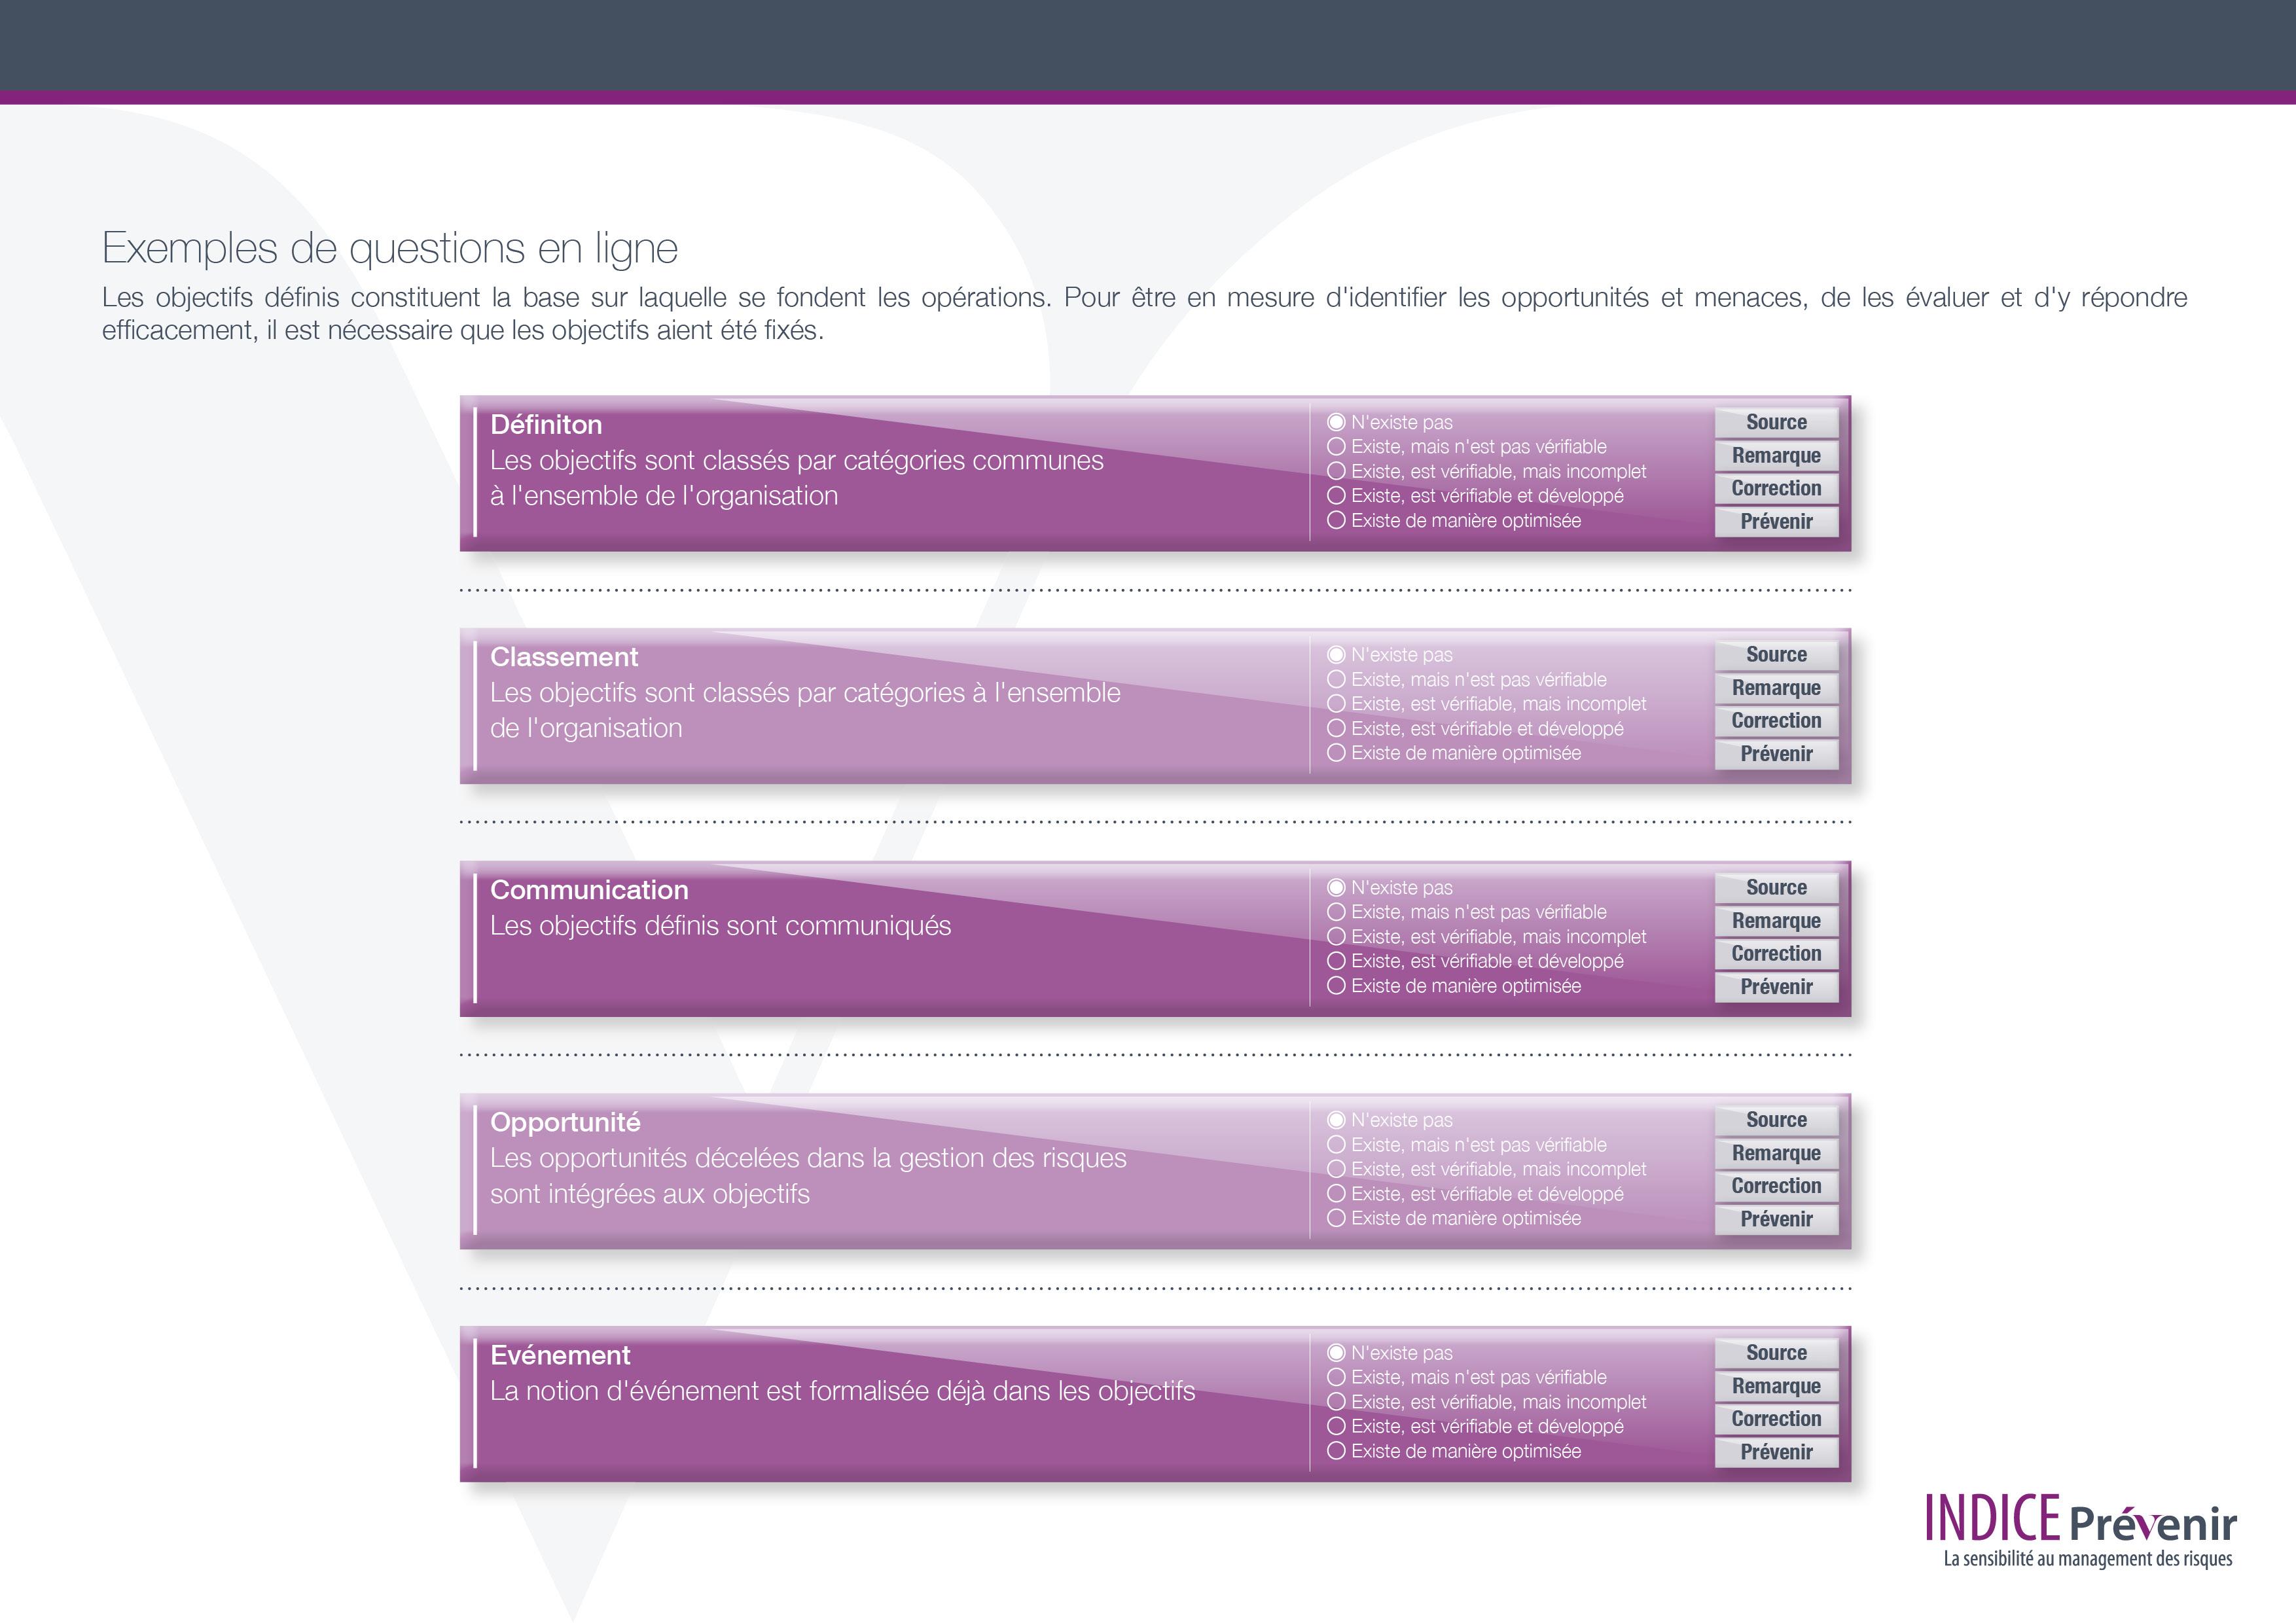 Prévenir SA - Management des risques assurances - Indice Prévenir - Neuchâtel - Delémont - Zürich